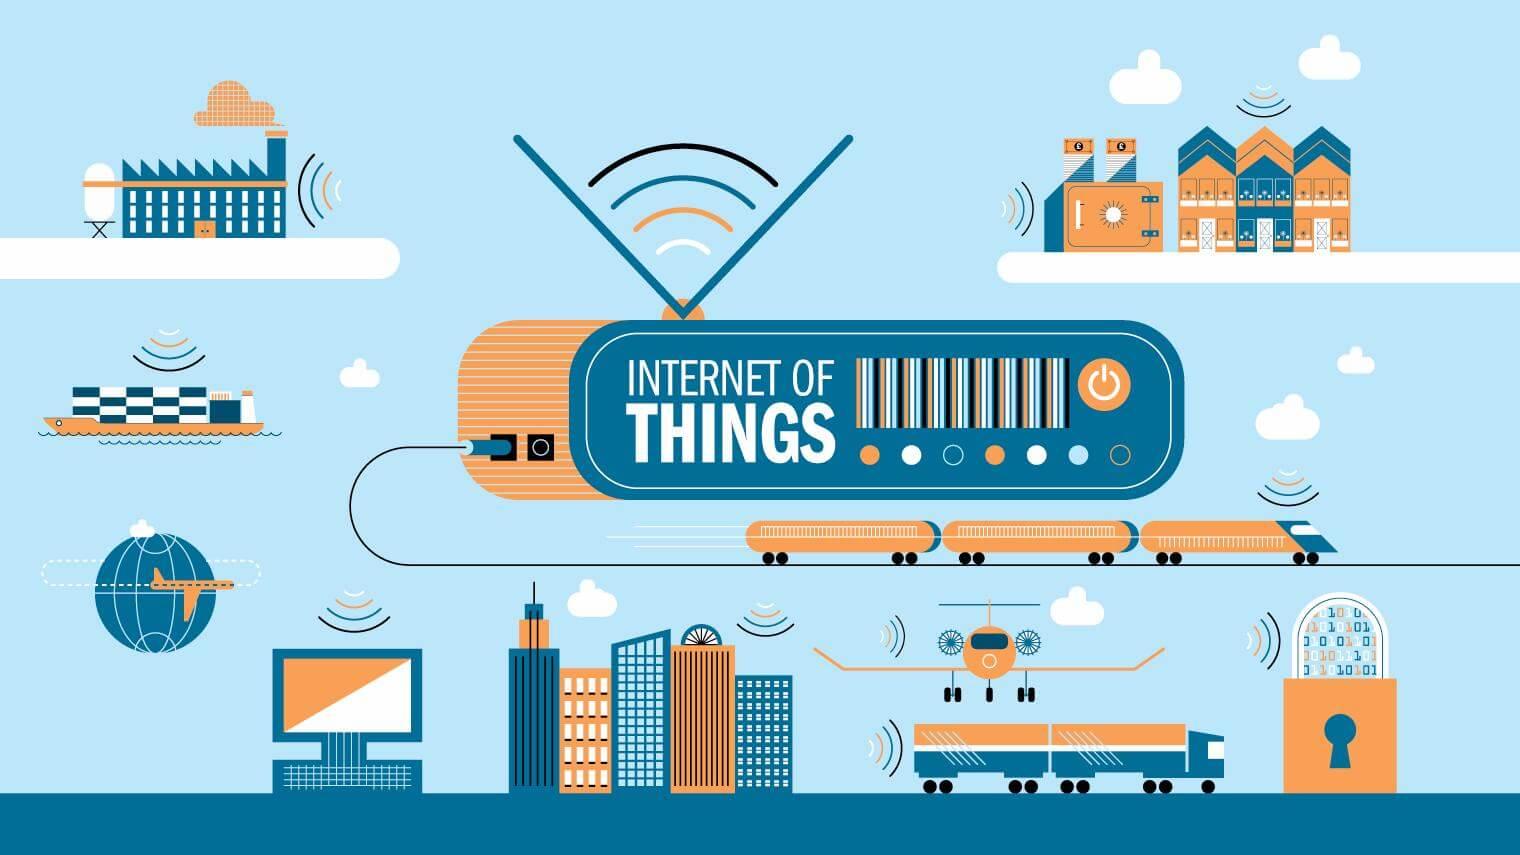 إنترنت الأشياء Internet of Things او IoT